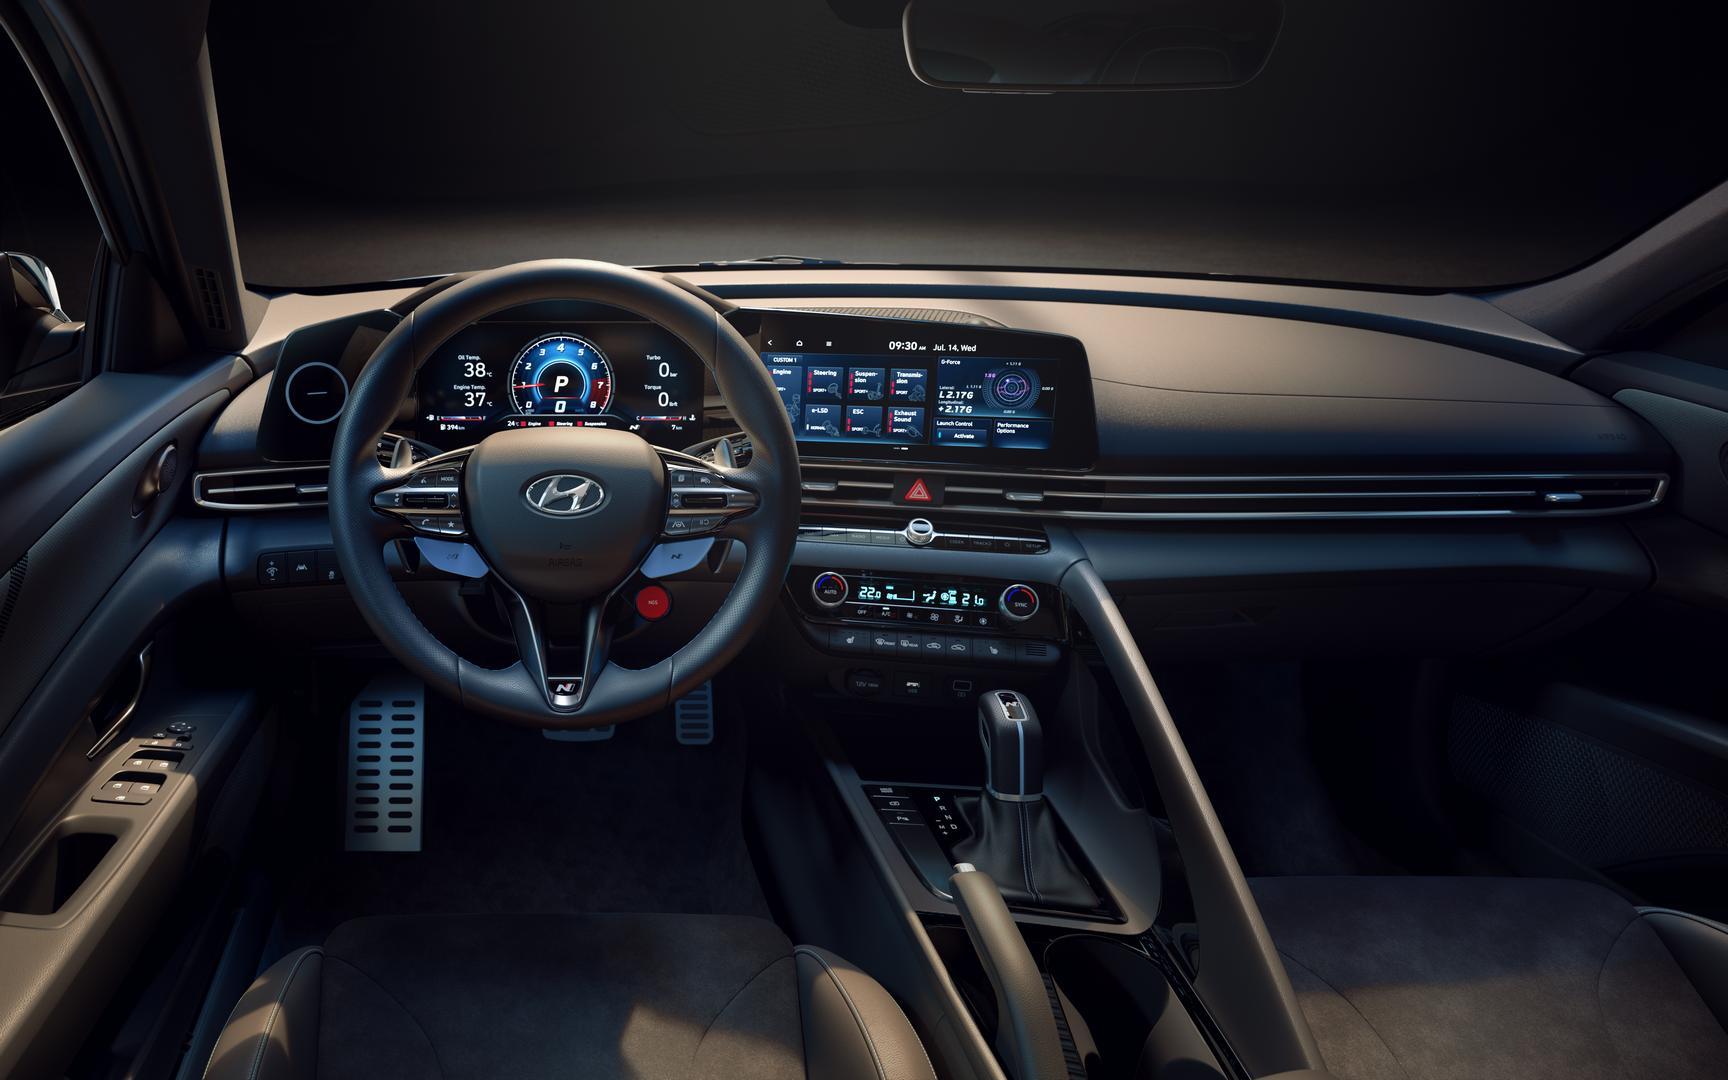 Hyundai Elantra N steering wheel